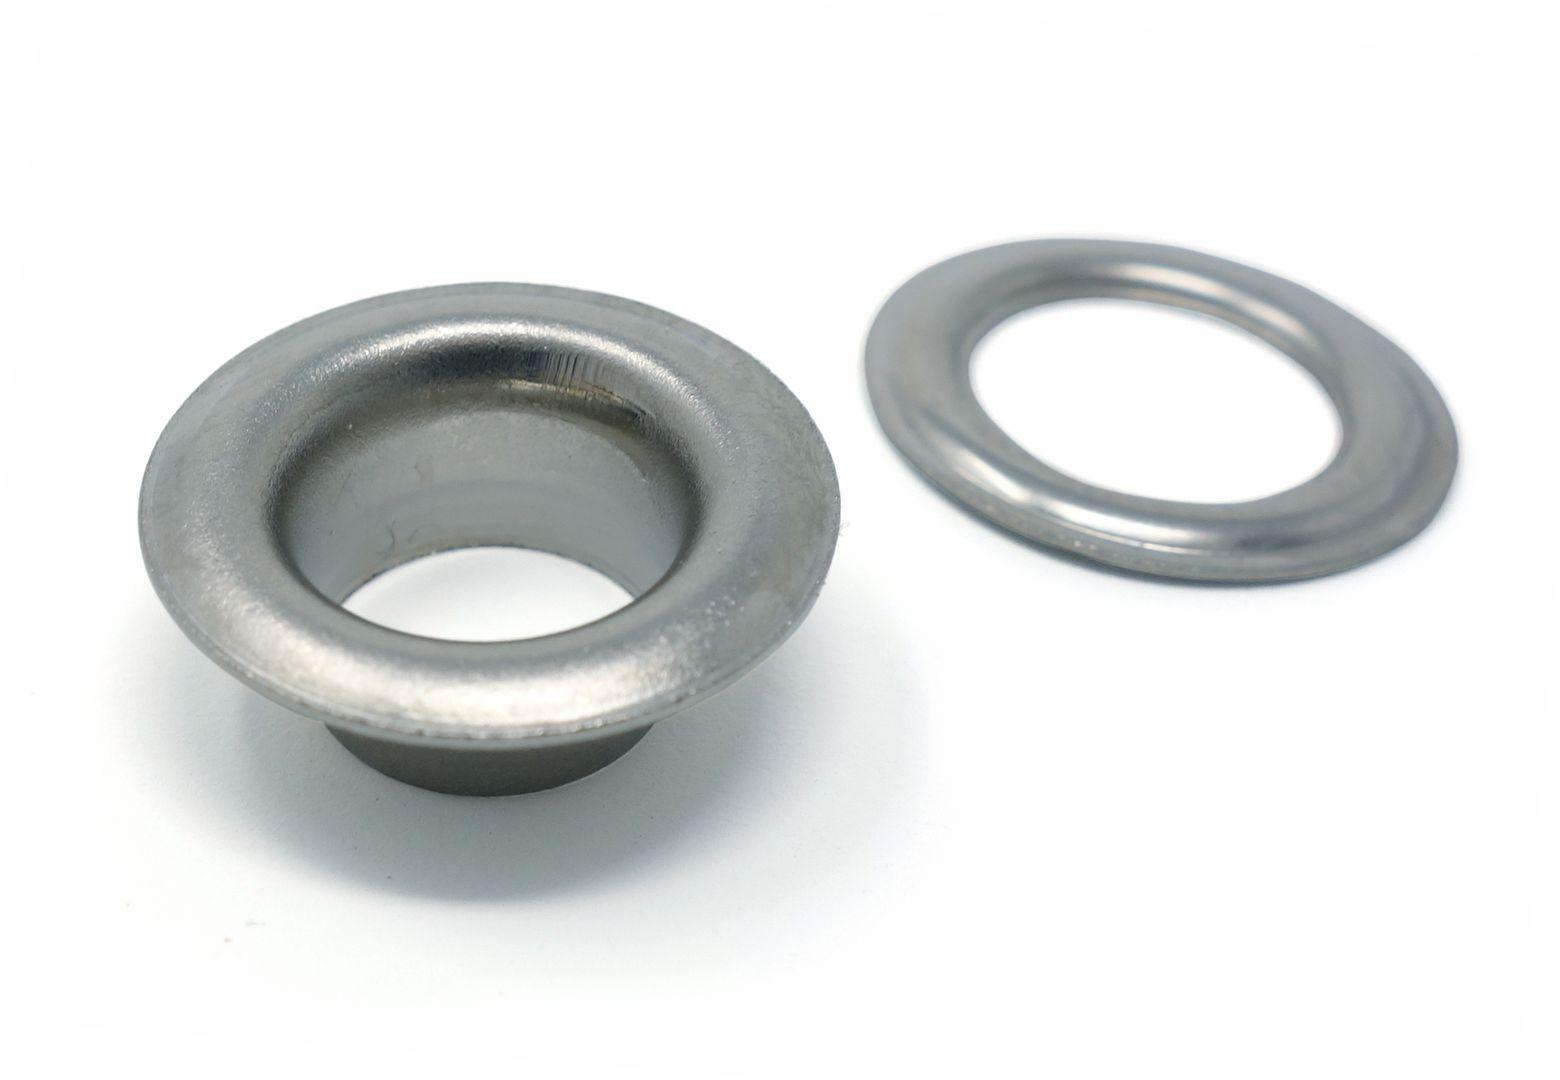 100 x 9,2 mm selbstlochende Ösen mit extra langem Schaft 12,0 mm und mit Scheibe (rostfrei) für Ösenpressen und Einschlagwerkzeuge – Bild 3